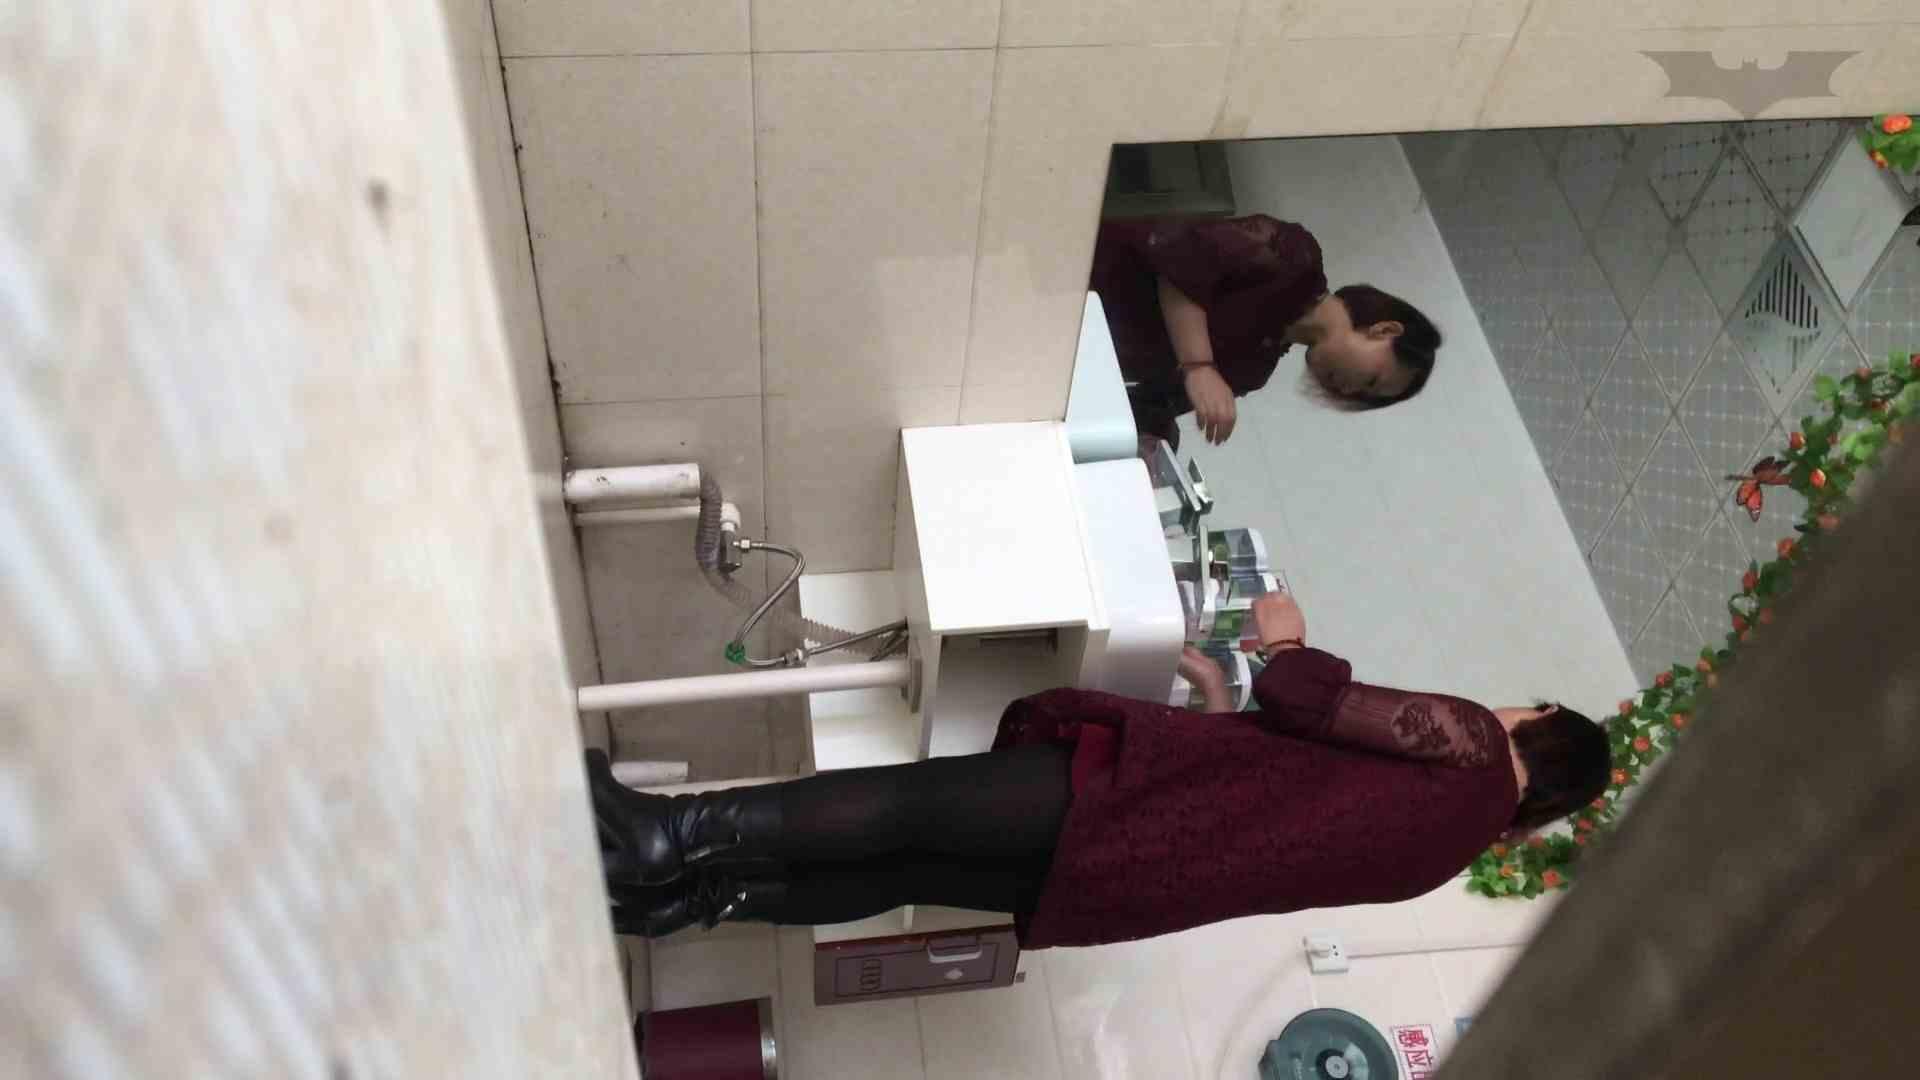 芸術大学ガチ潜入盗撮 JD盗撮 美女の洗面所の秘密 Vol.111 高画質 AV無料動画キャプチャ 96画像 35